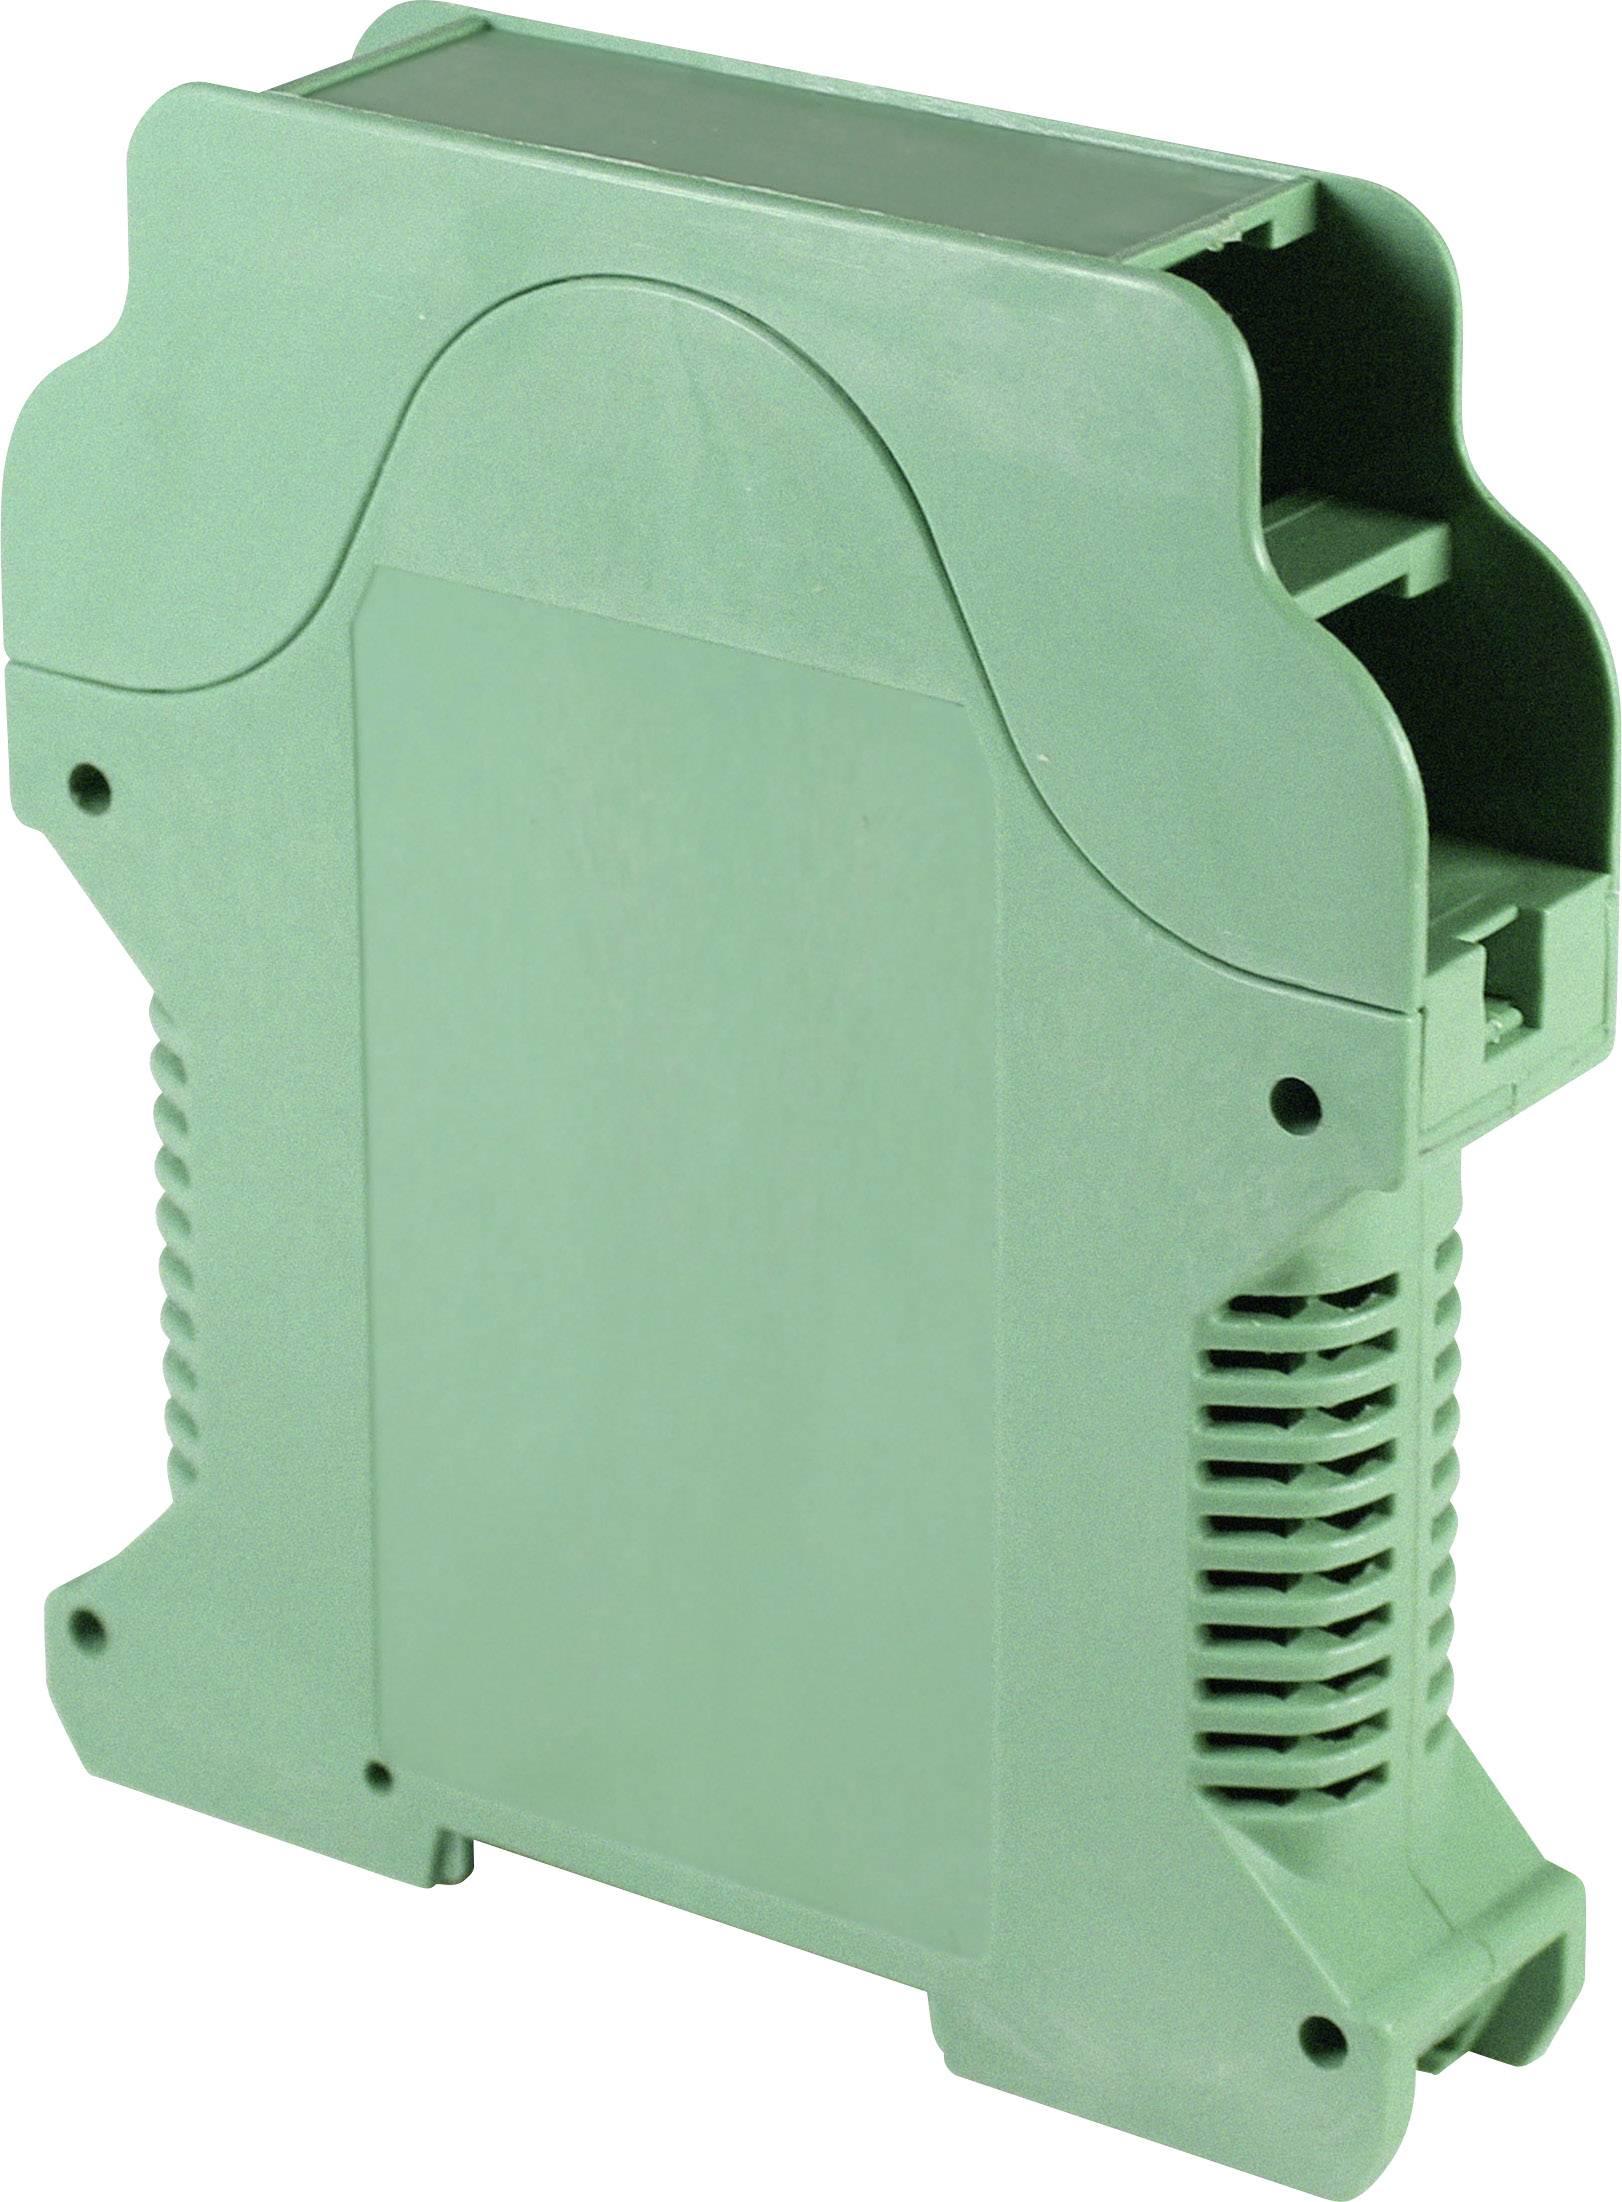 Pouzdro na DIN lištu Axxatronic CVB-PLUS1V-CON s větracími otvory, 112 x 99 x 22.5 , polyamid, zelená, 1 ks